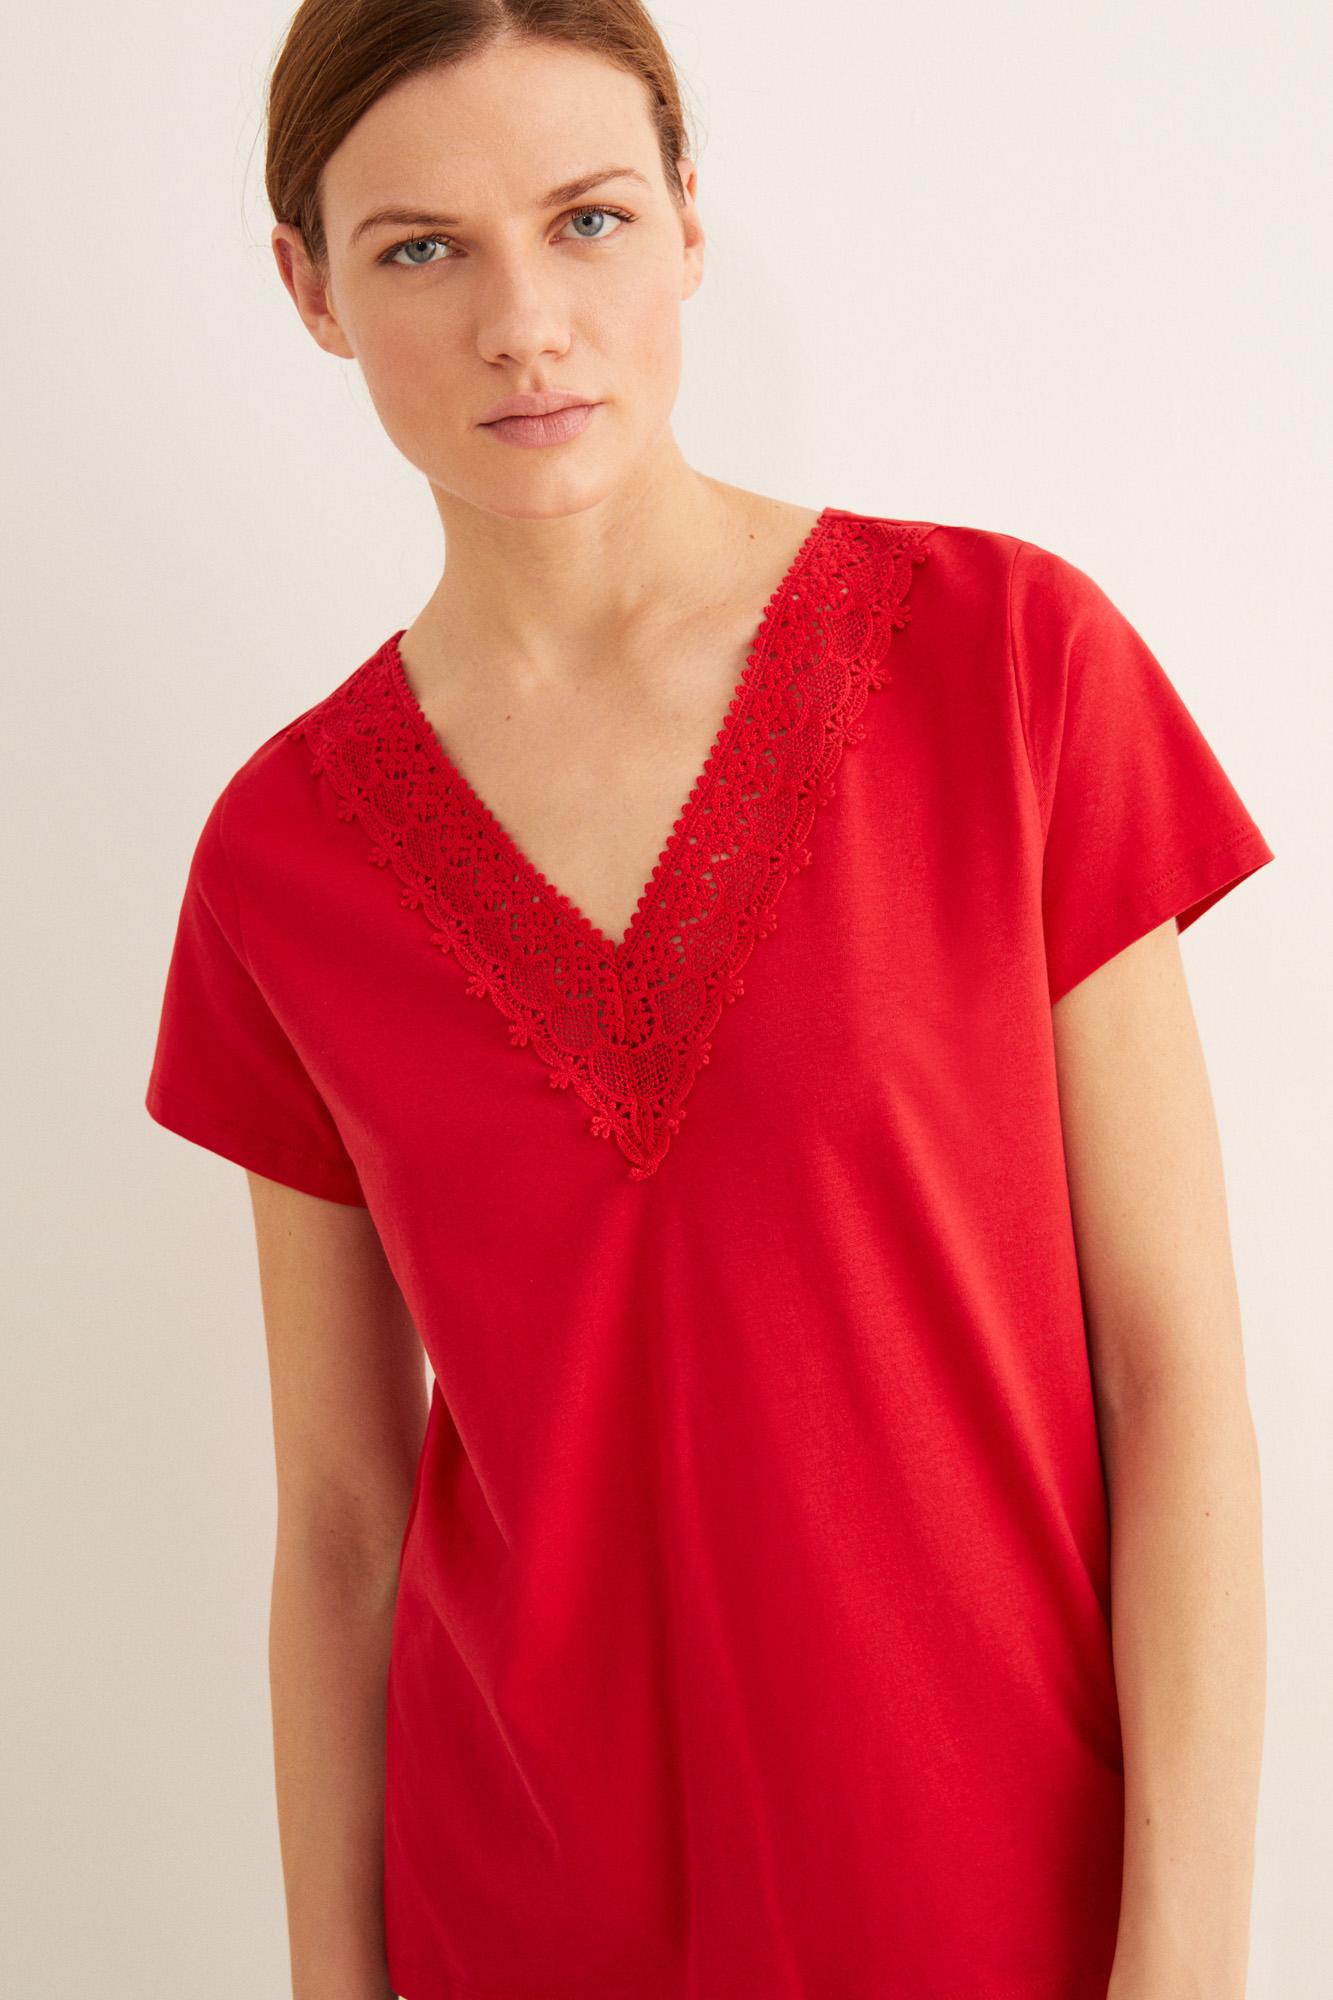 Camiseta detalle cuello